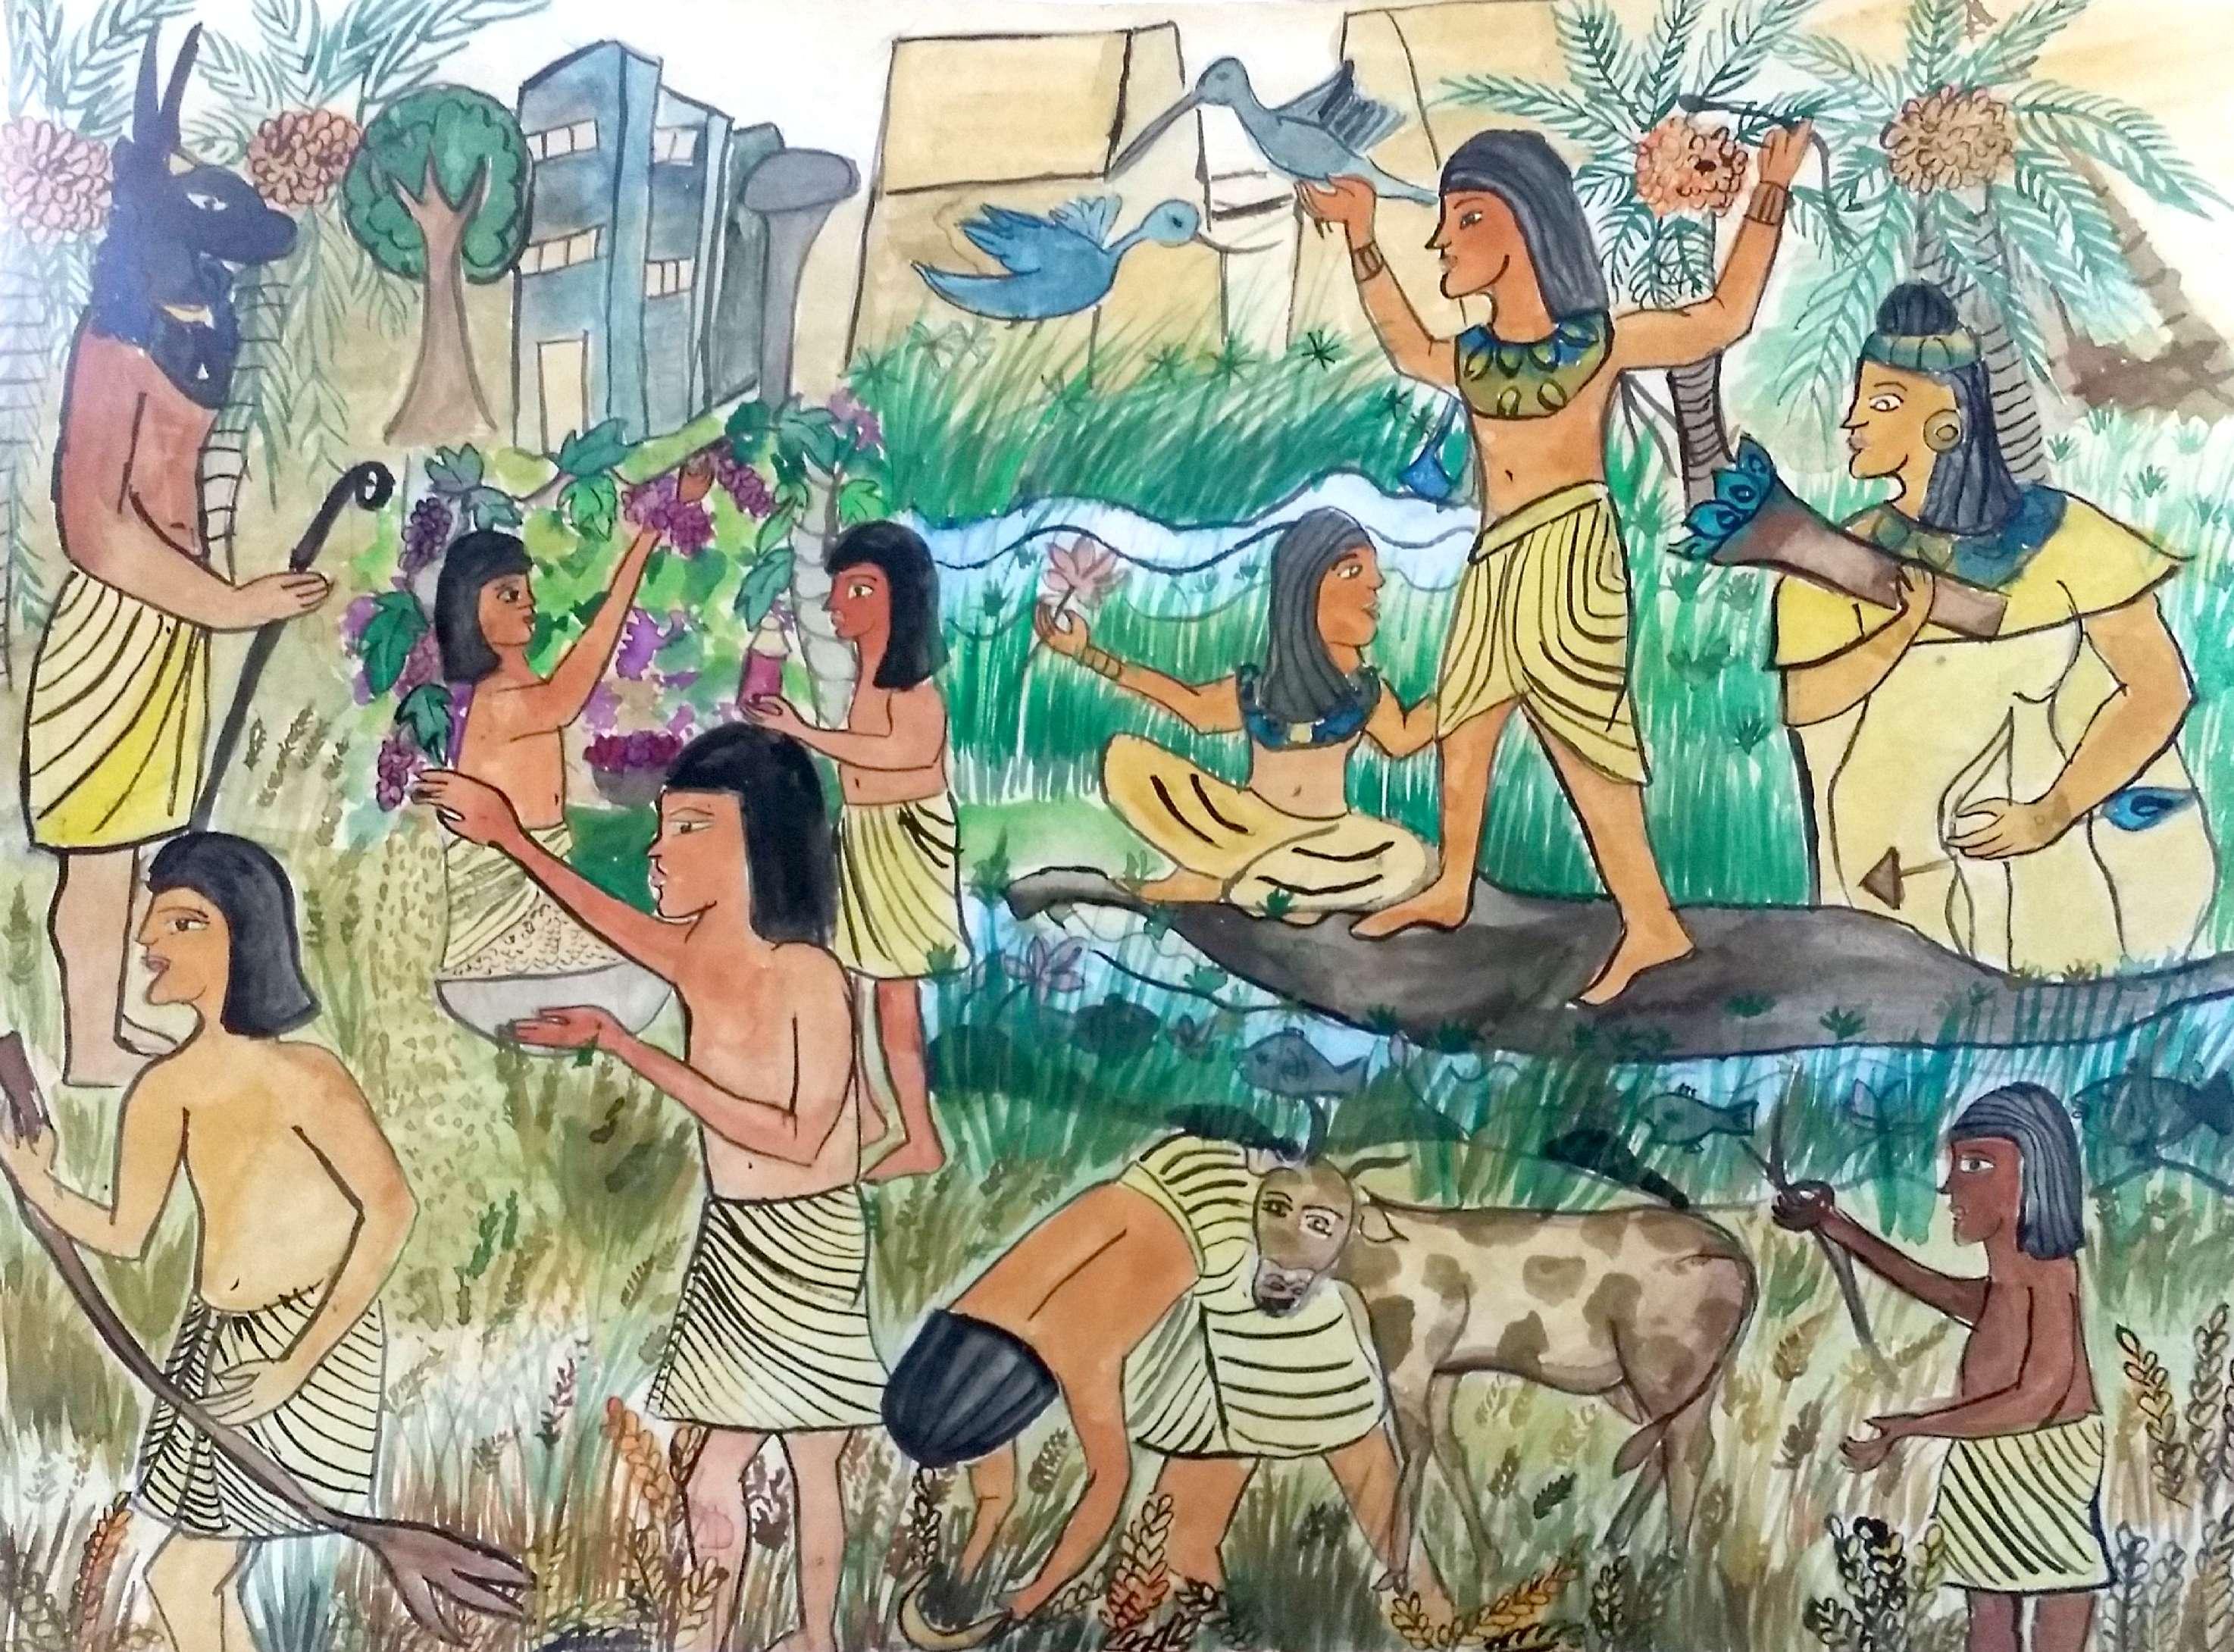 اللوحة الفائزة بميدالية ذهبية من دولة سريلانكا